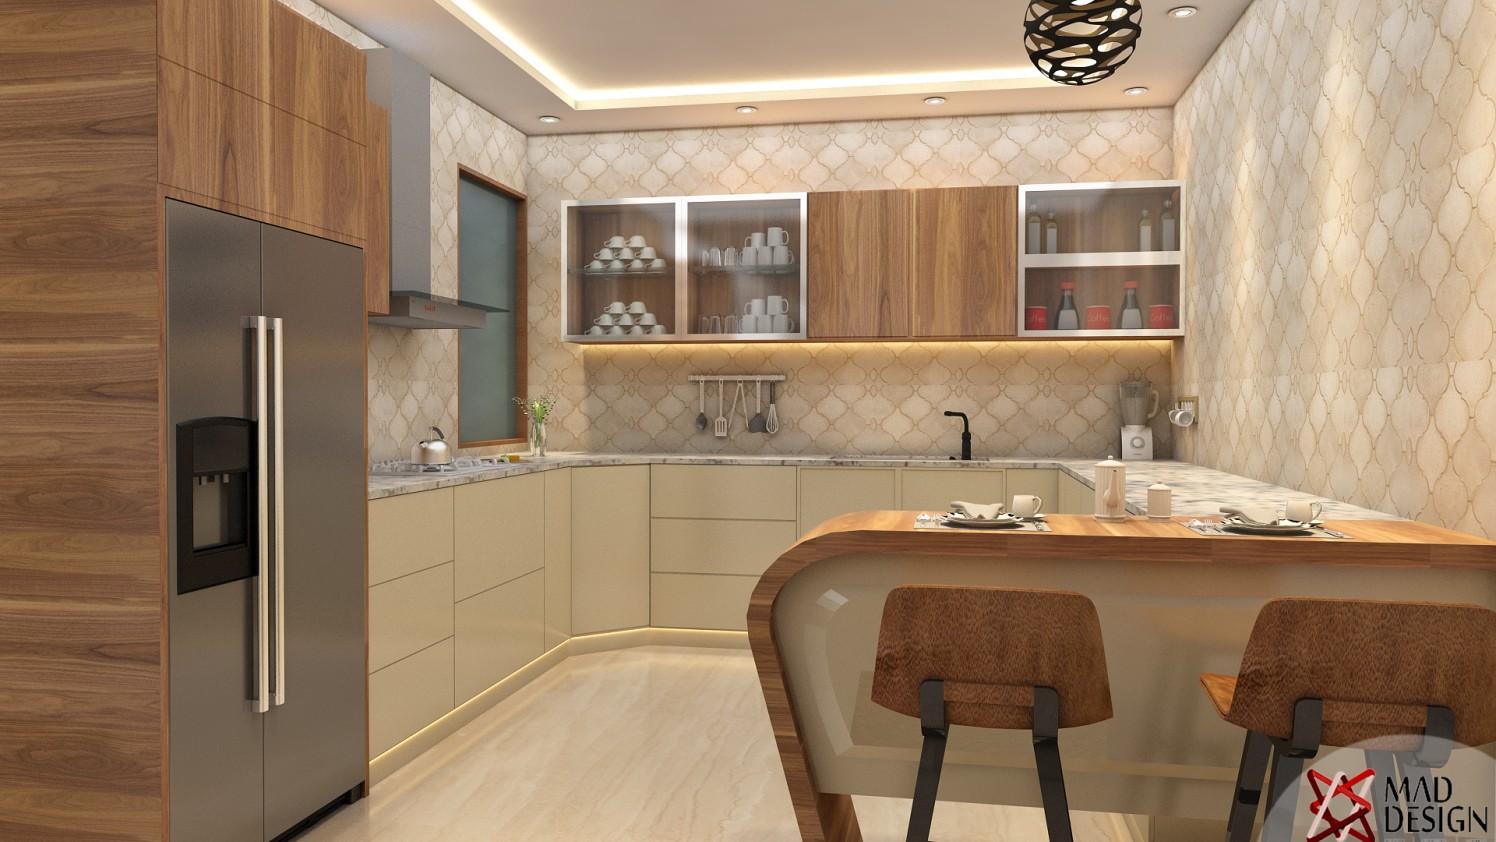 Open Peninsular Kitchen by Mad Design Modular-kitchen Modern | Interior Design Photos & Ideas